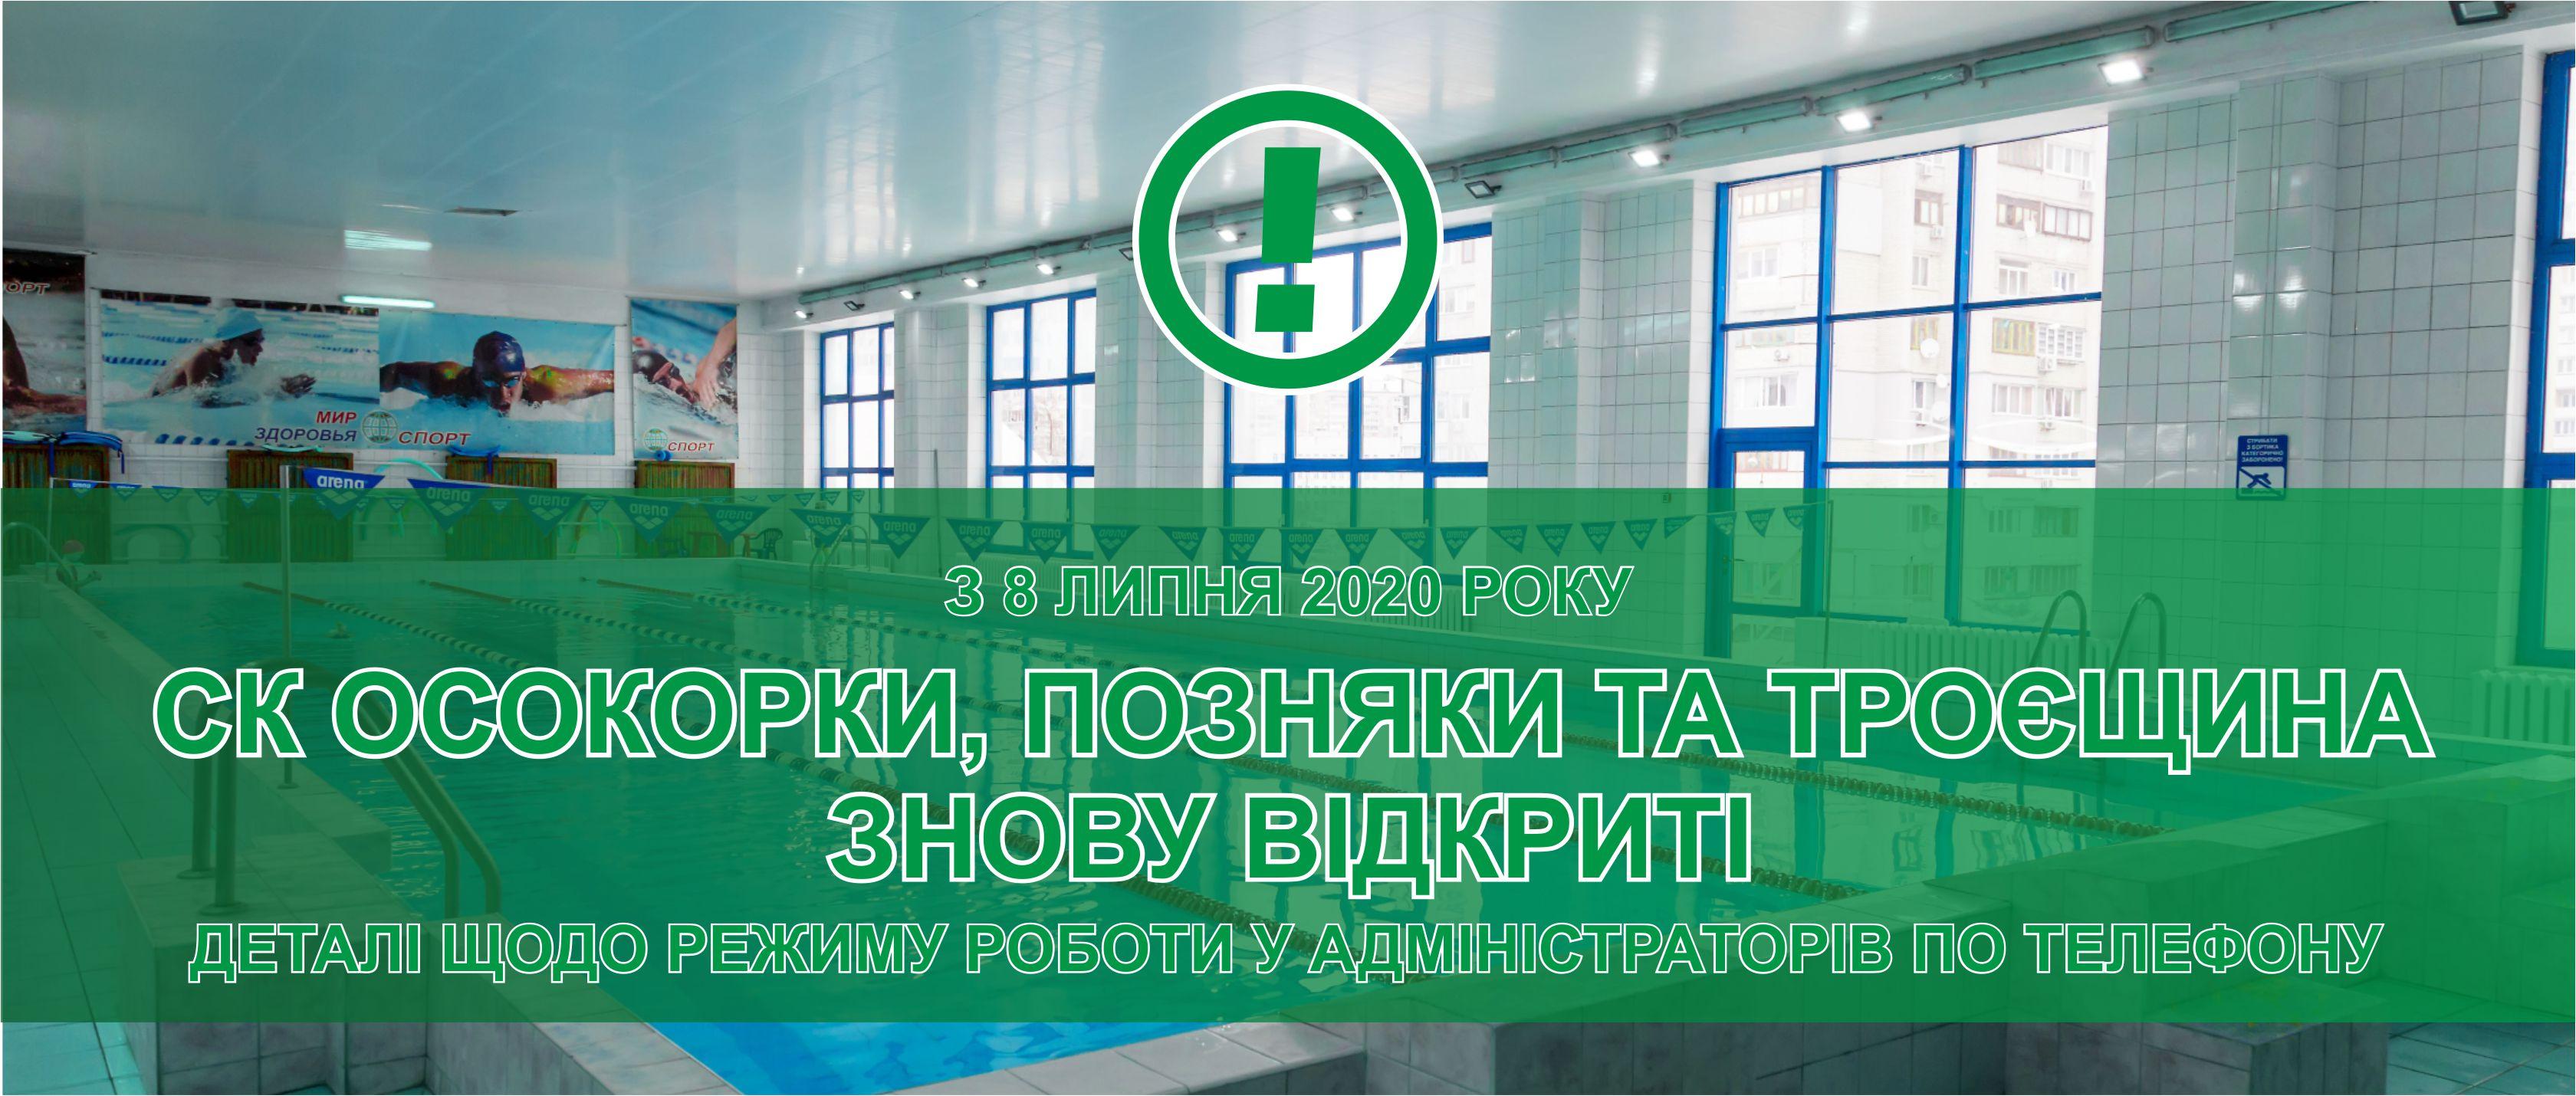 Спорткомплексы Осокорки, Позняки и Троещина открываются после карантина - 8 июля